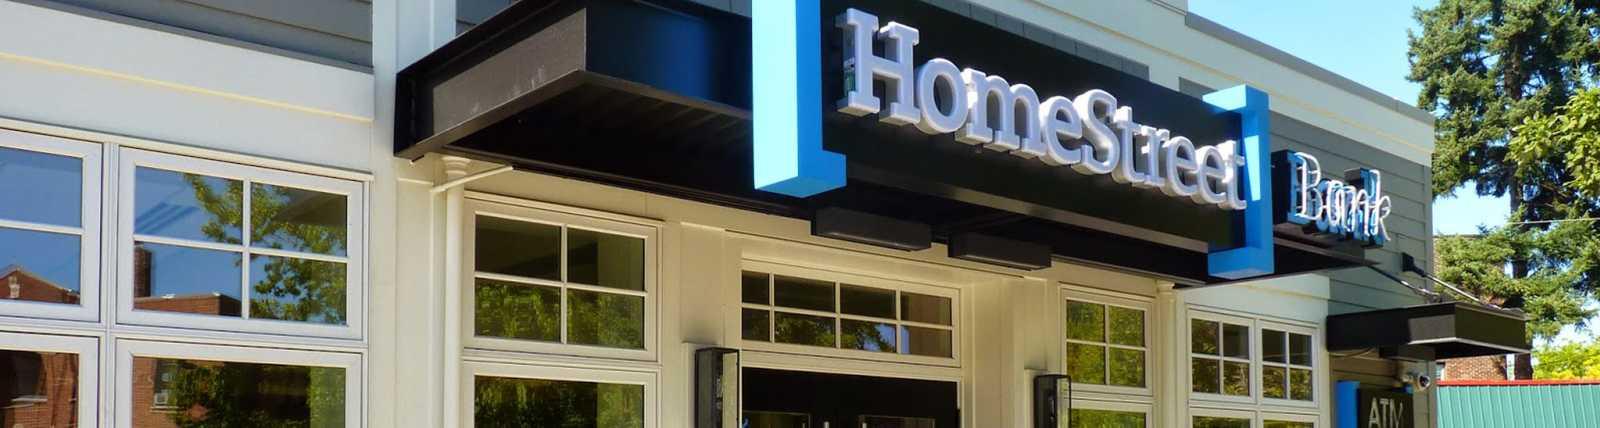 HOMESTREET BANK LENDING CENTER